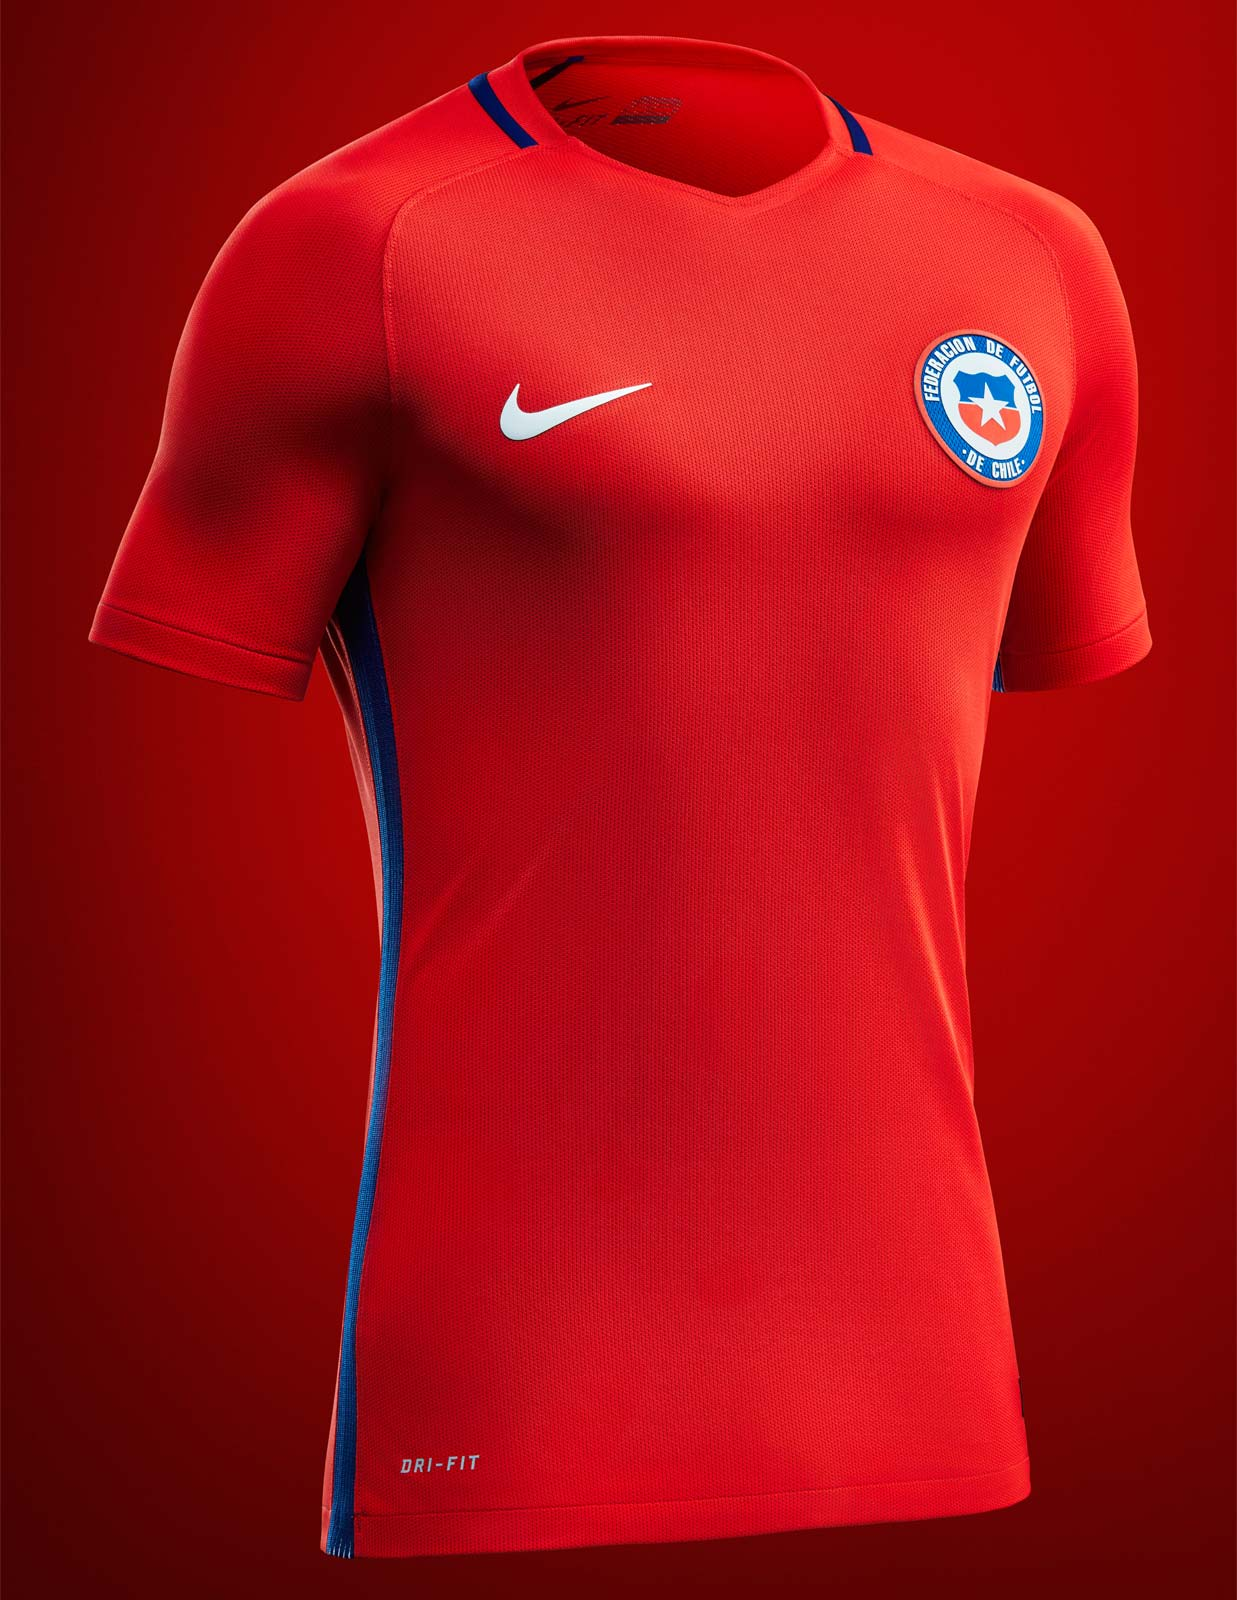 6c84f43fe Copa America Centenario kits